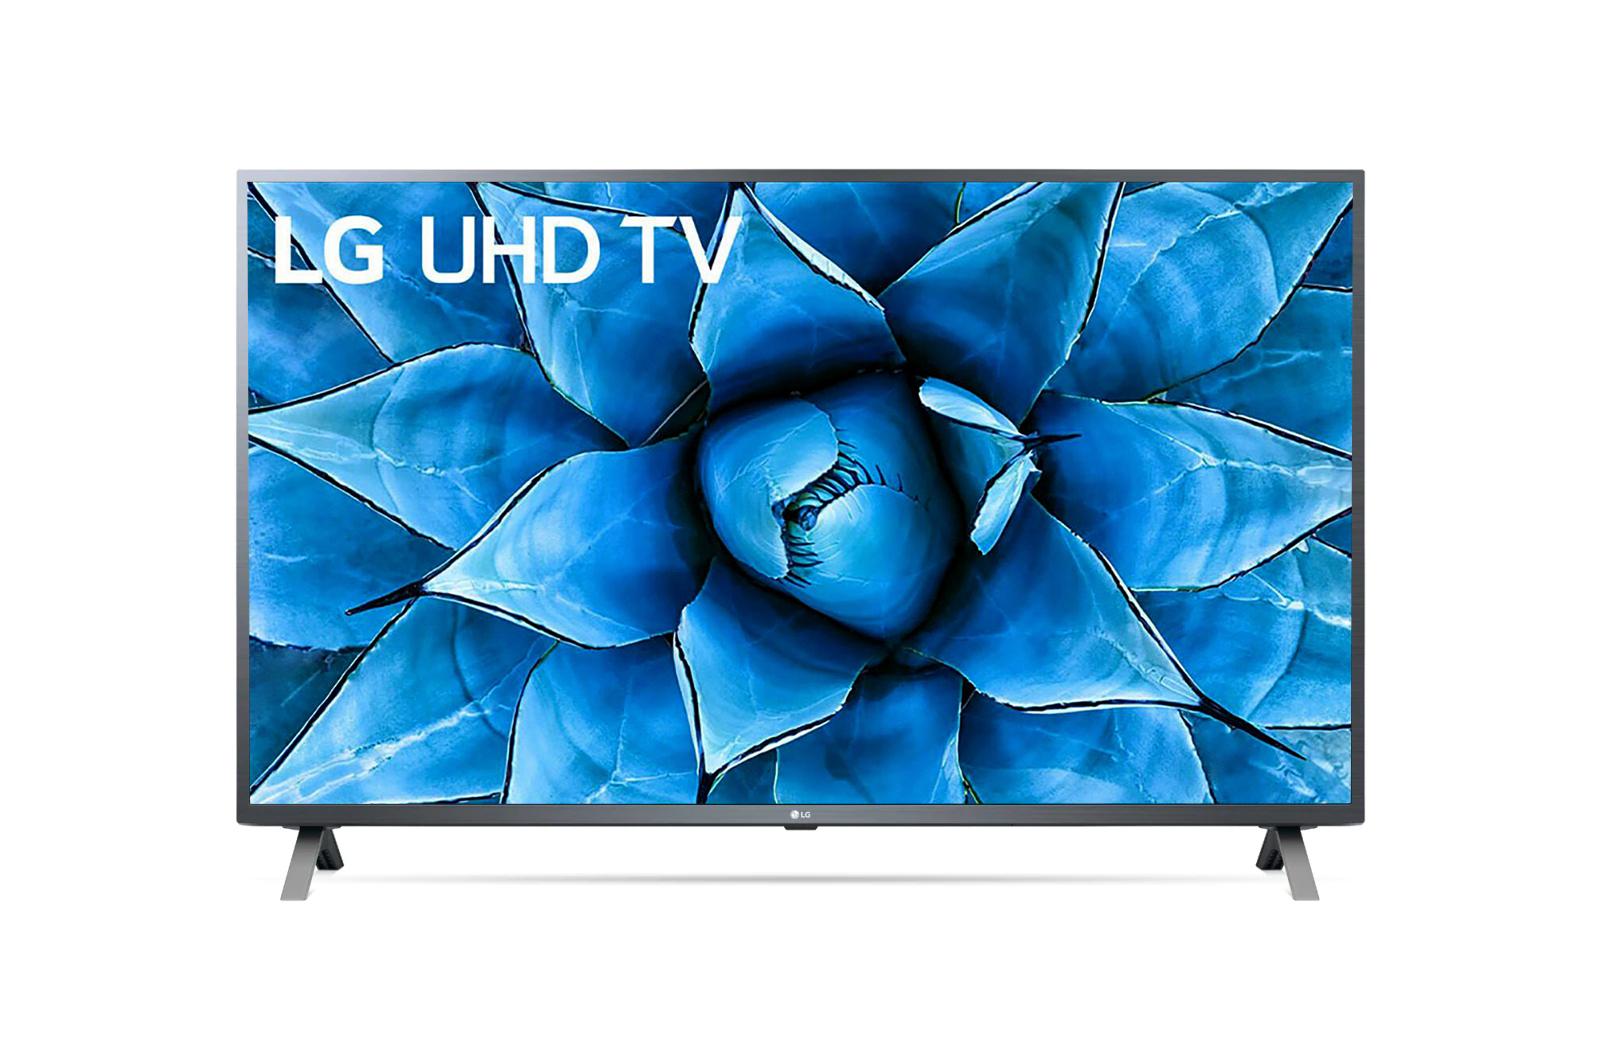 Televizor LG LED 55UN73506LB  - 1